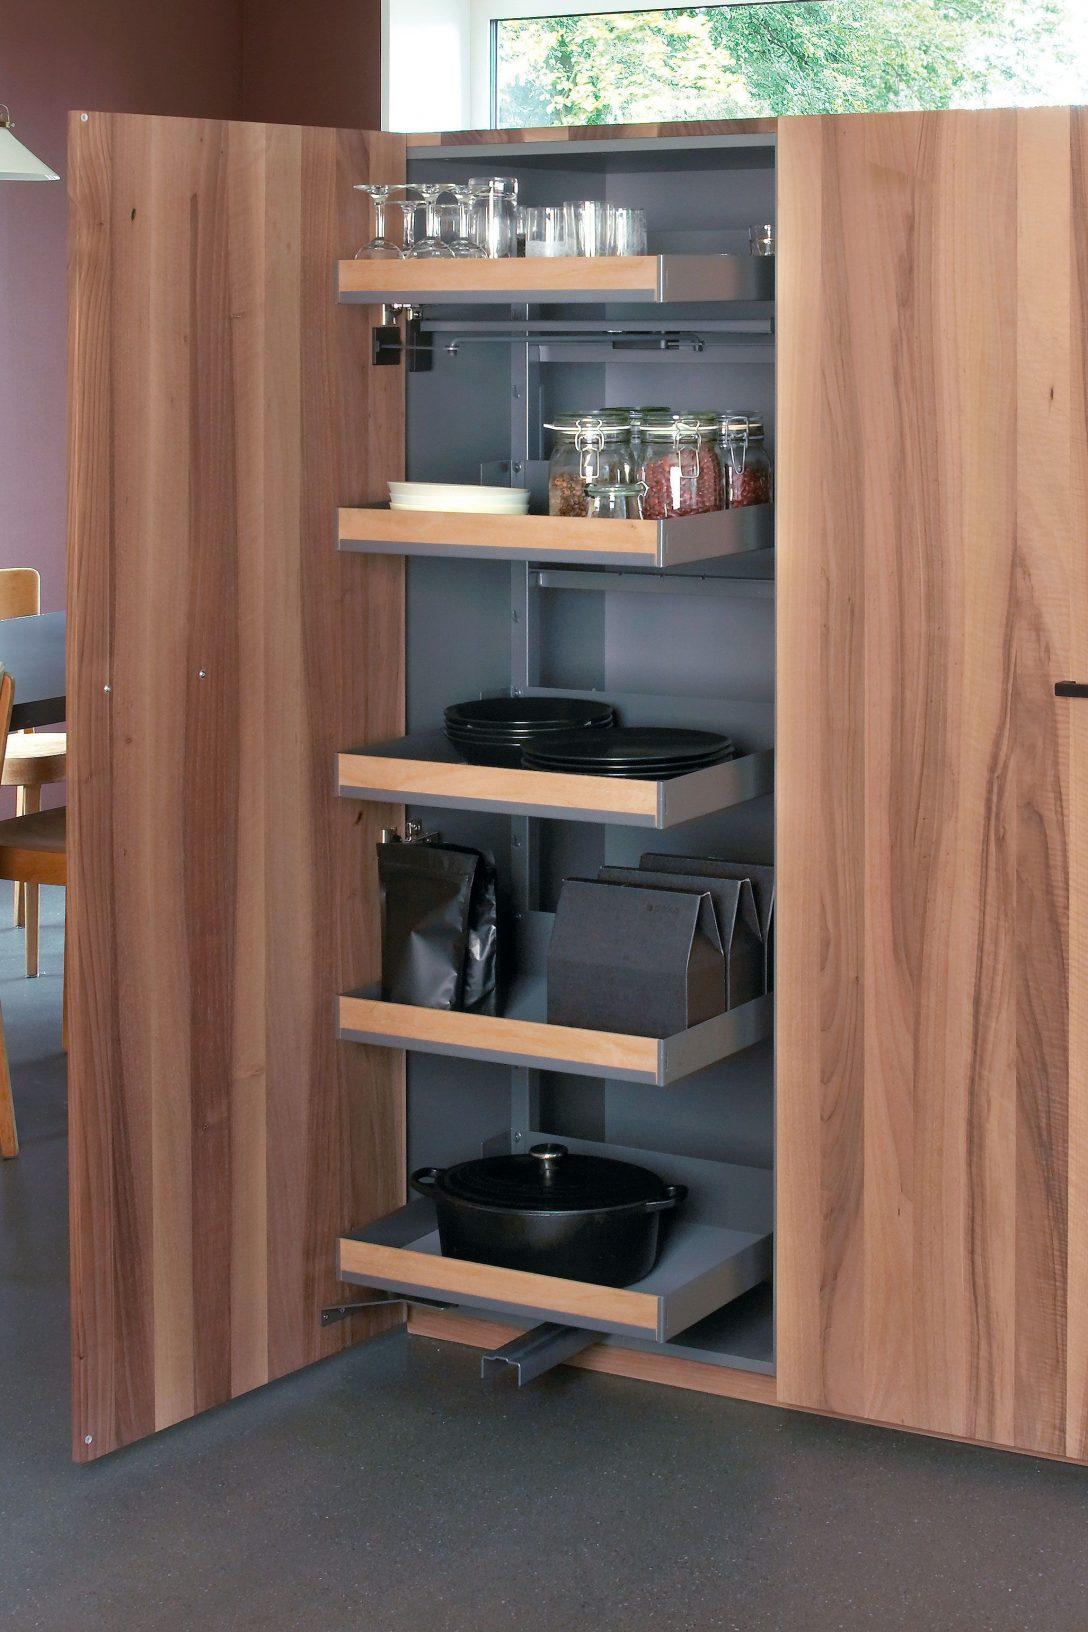 Large Size of Hochschrank Küche Kühlschrank Hochschrank Küche Ausziehbar Hochschrank Küche Backofen Hochschrank Küche Mikrowelle Küche Hochschrank Küche